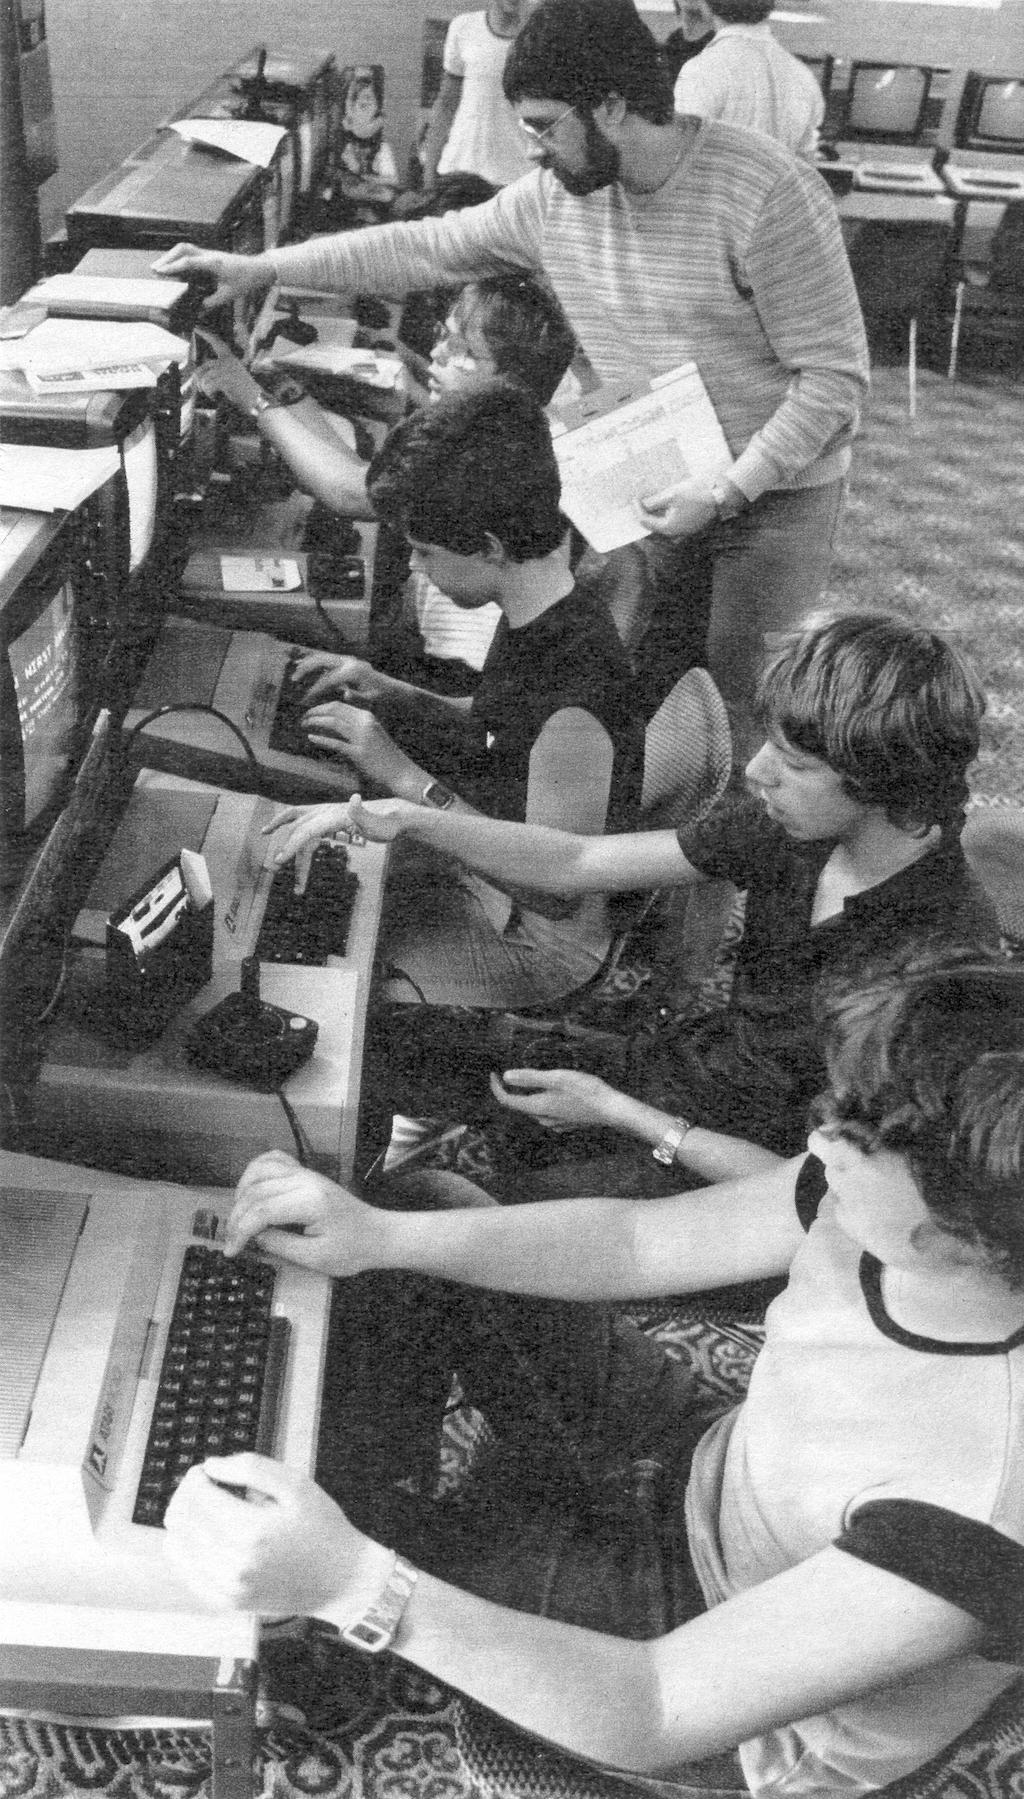 Atari Computer Camp im Hotel Sauerland Stern in Willingen vom 05.08.1983–19.08.1983. (Bild: Neue Revue 1983/42)